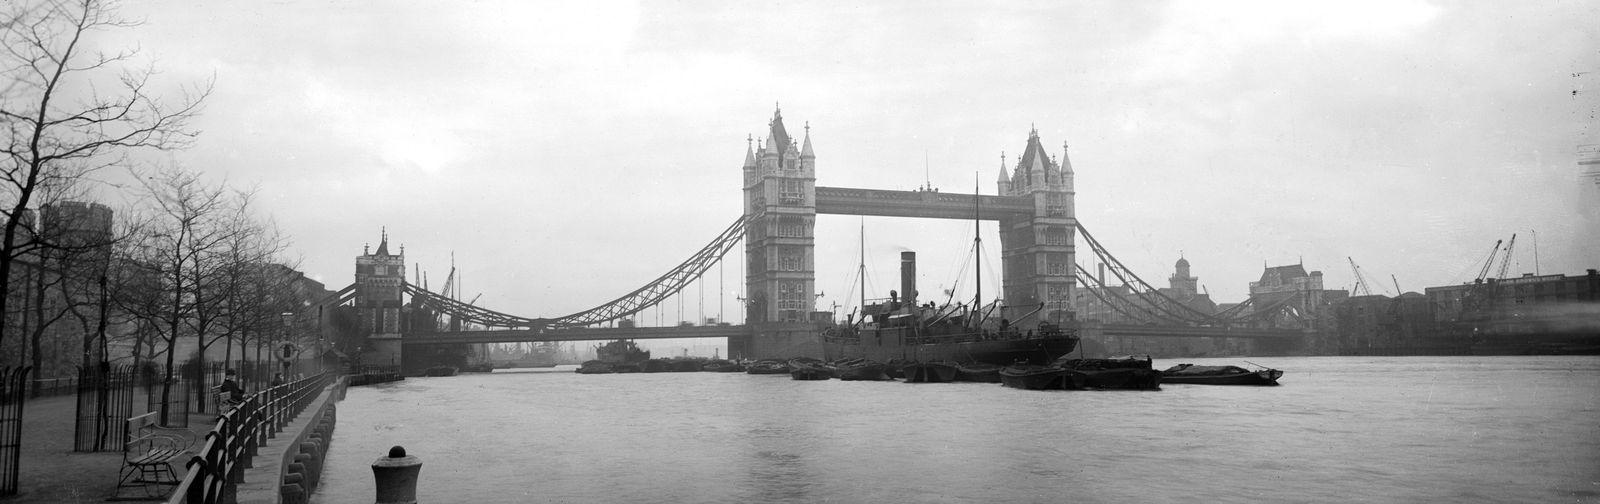 London/ Multimedia/ Skyline